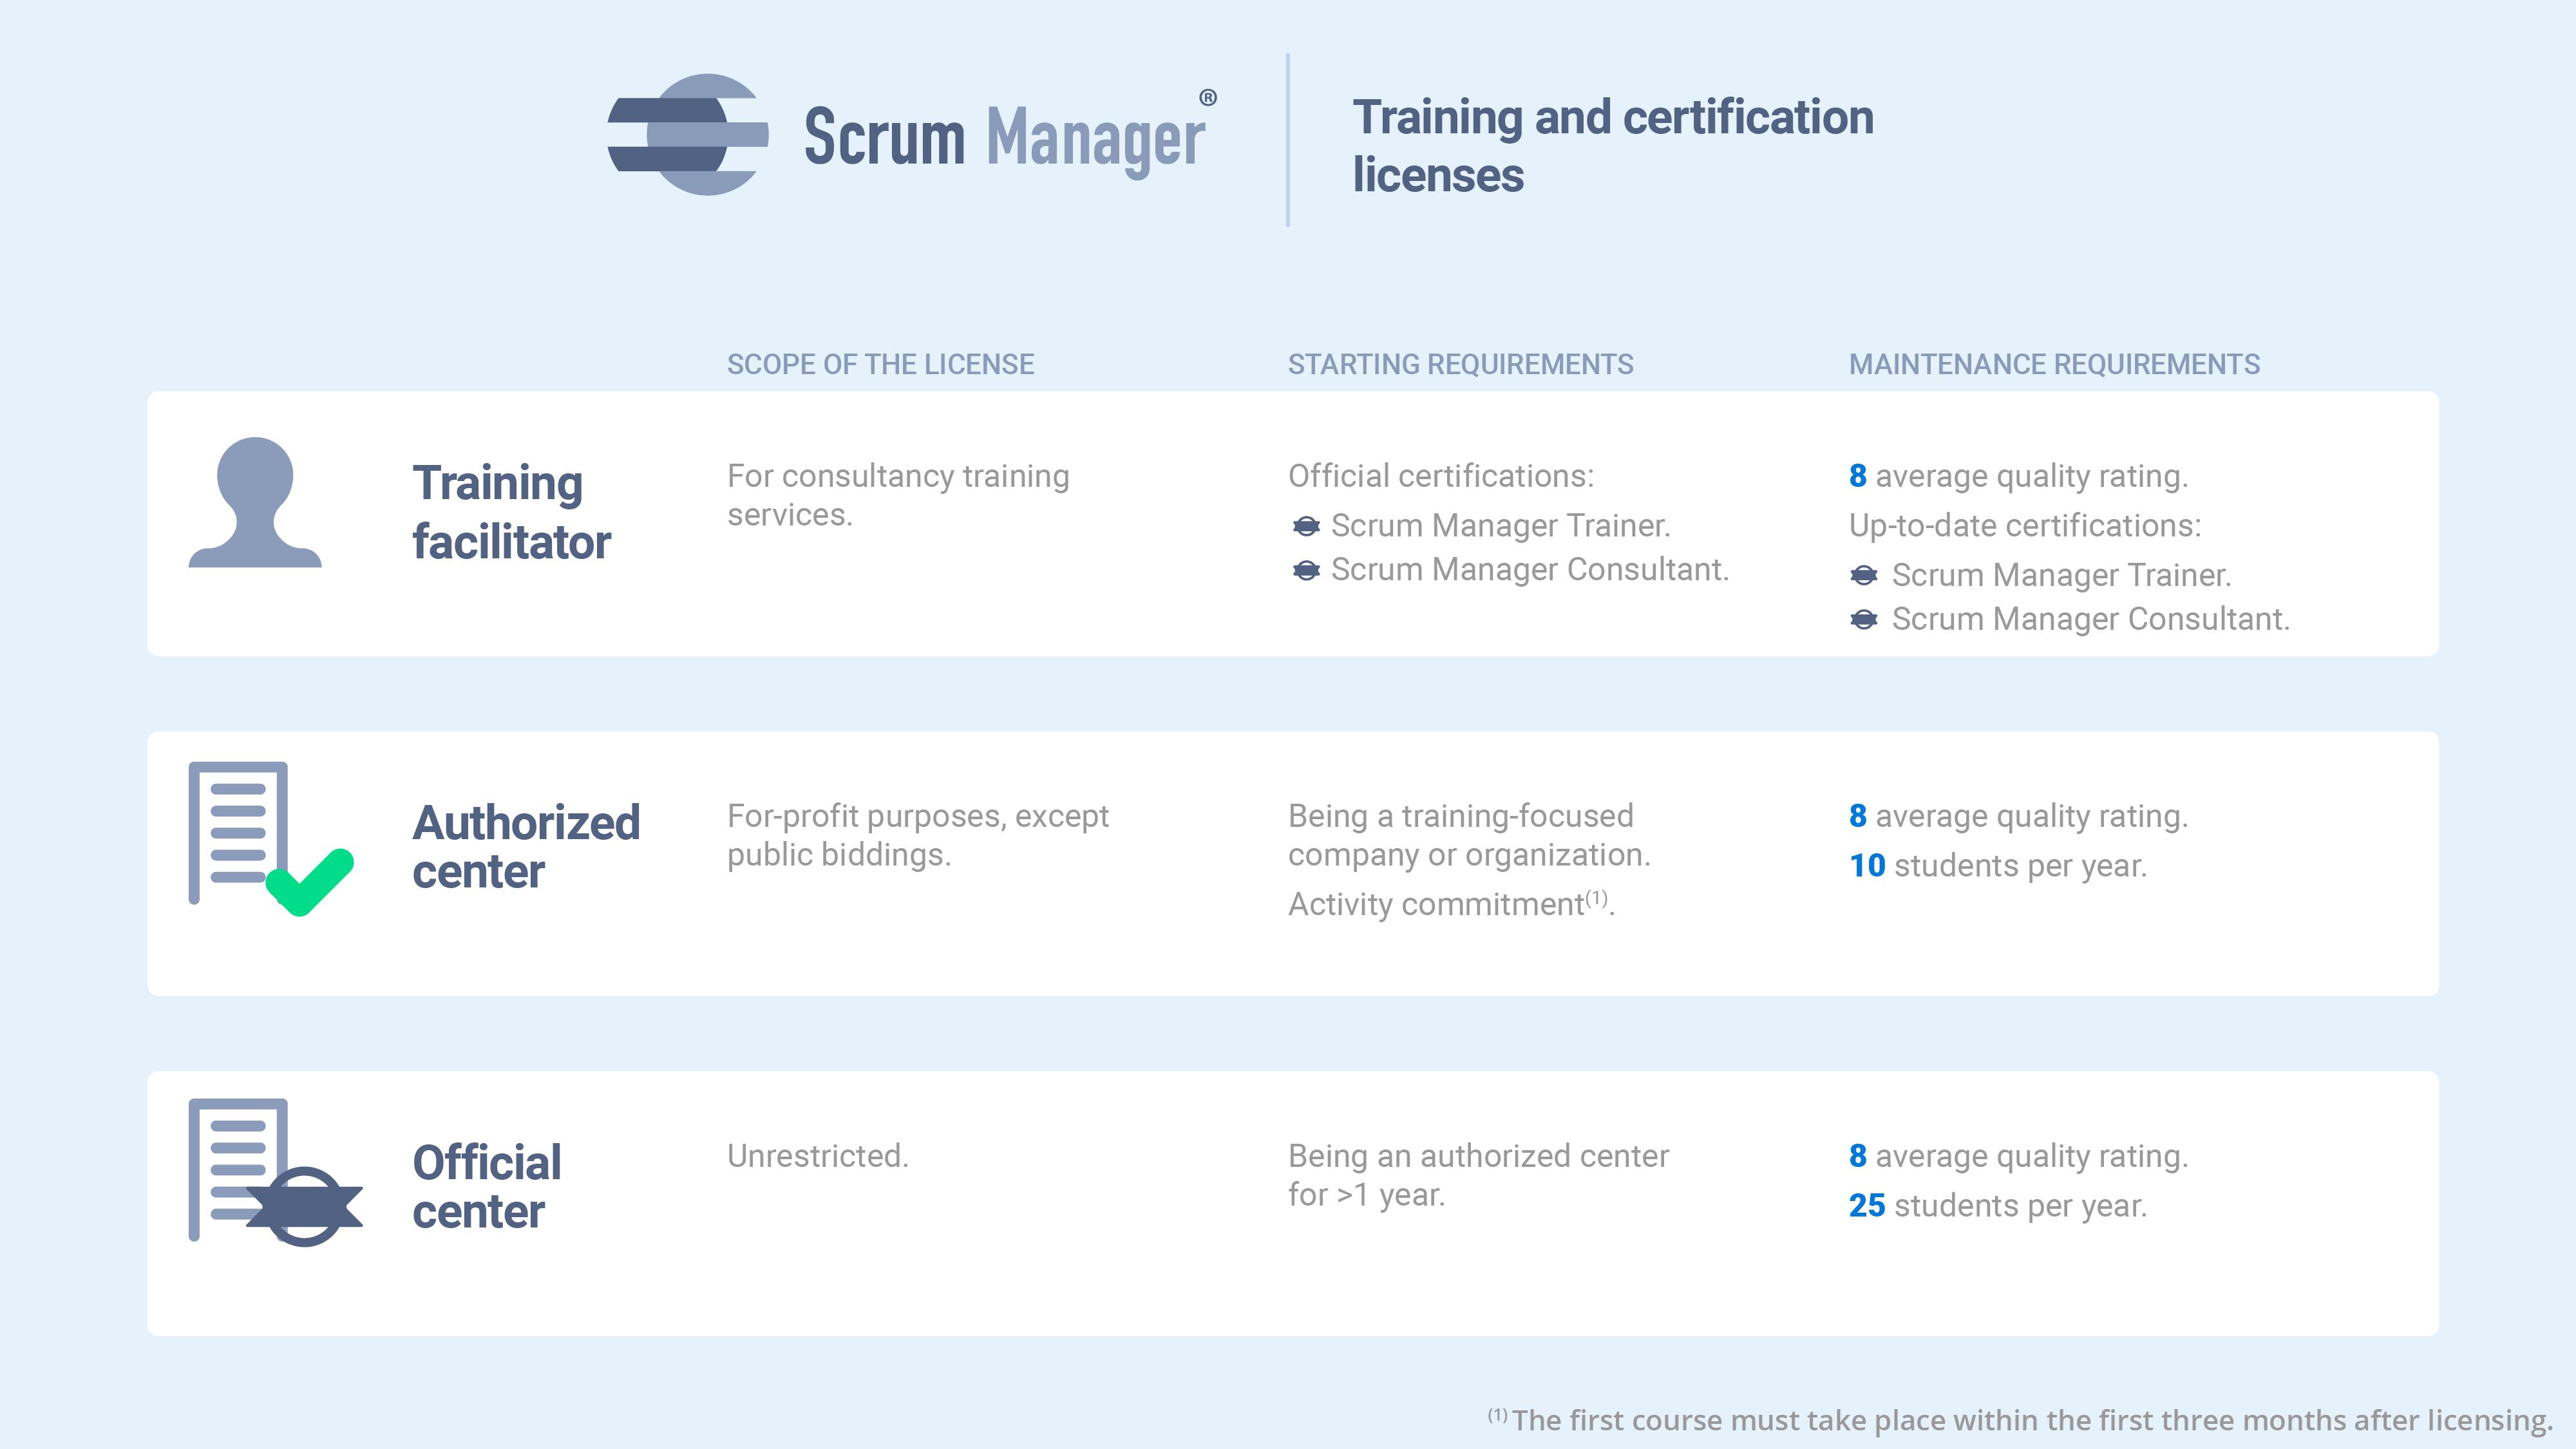 Requisitos para ser agente o centro de formación